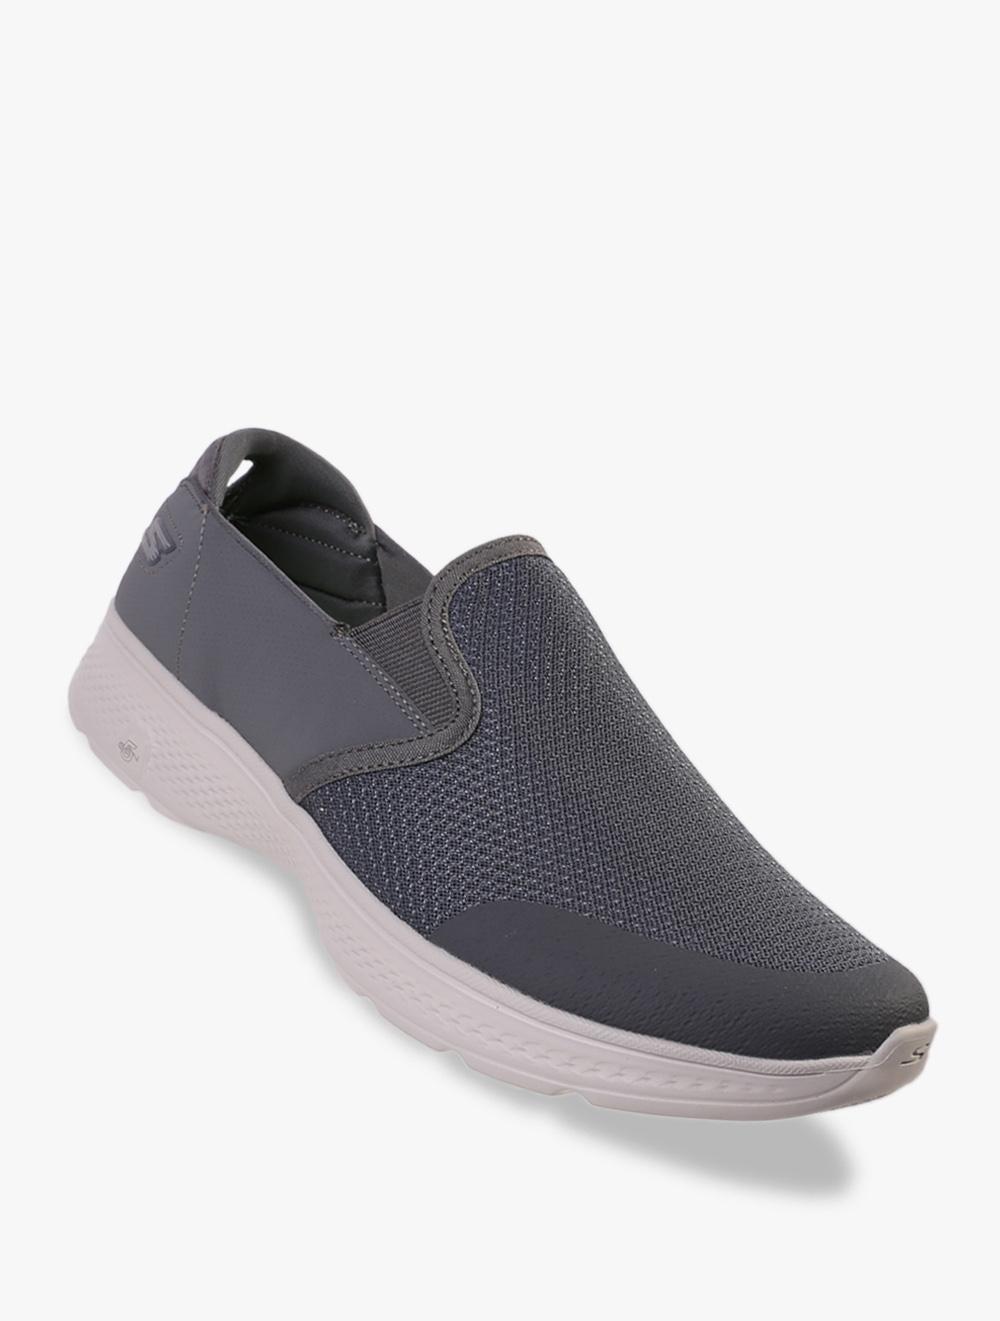 GoWalk 4 - Contain Men's Sneakers Shoes